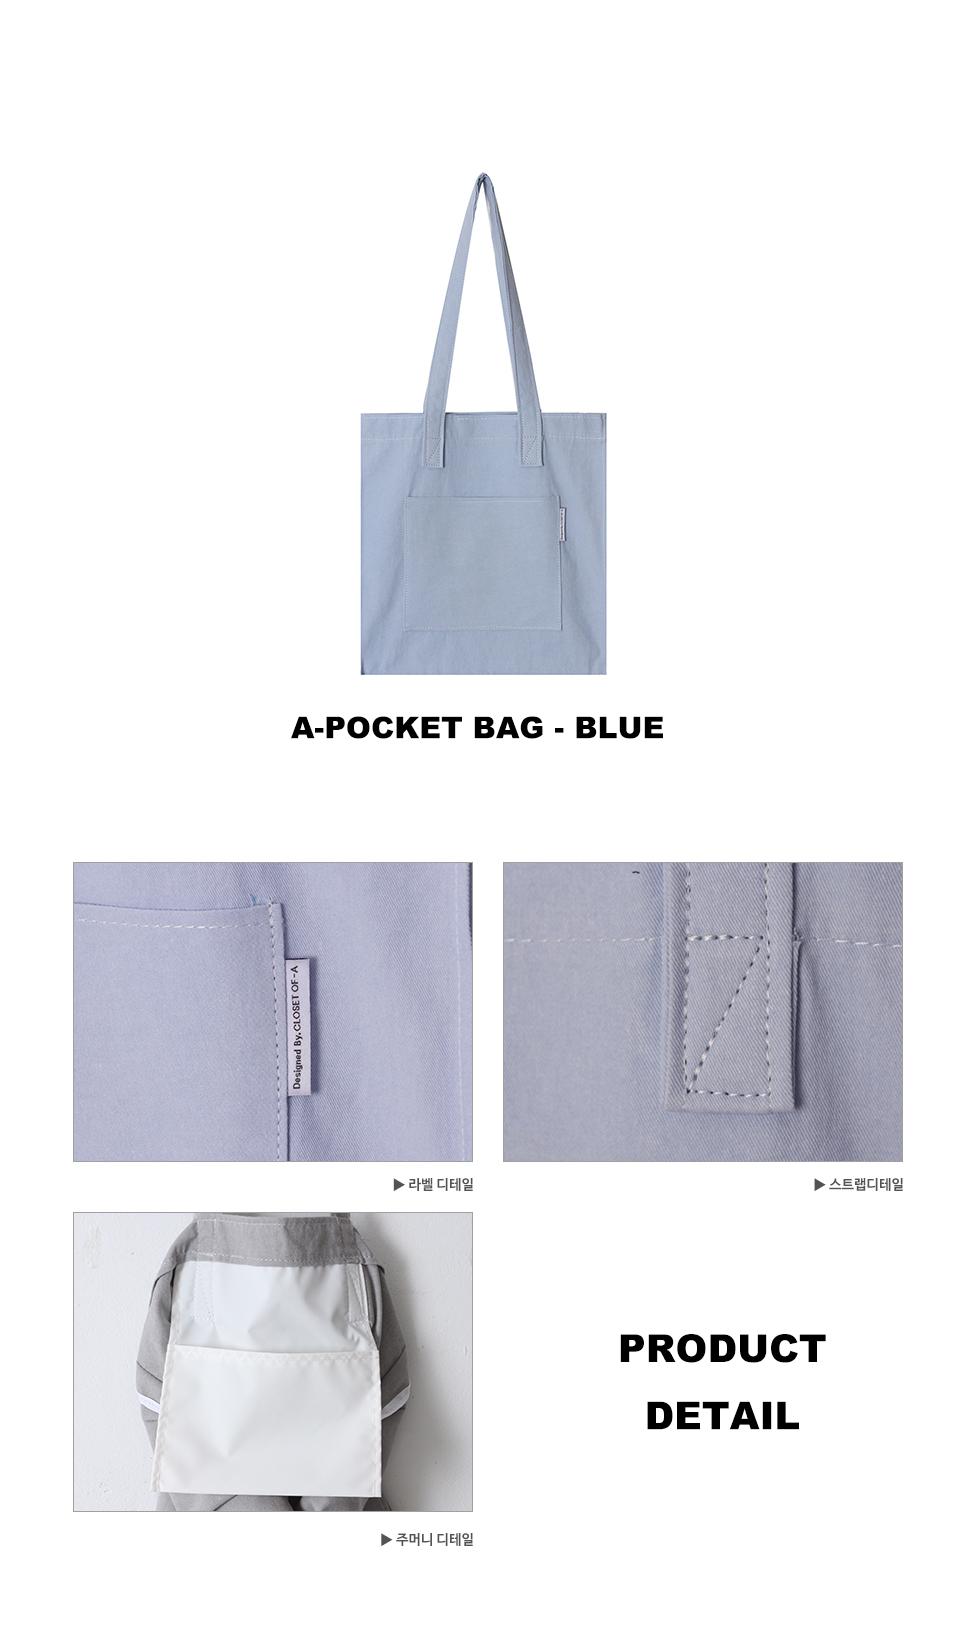 D-PO-BLUE.jpg